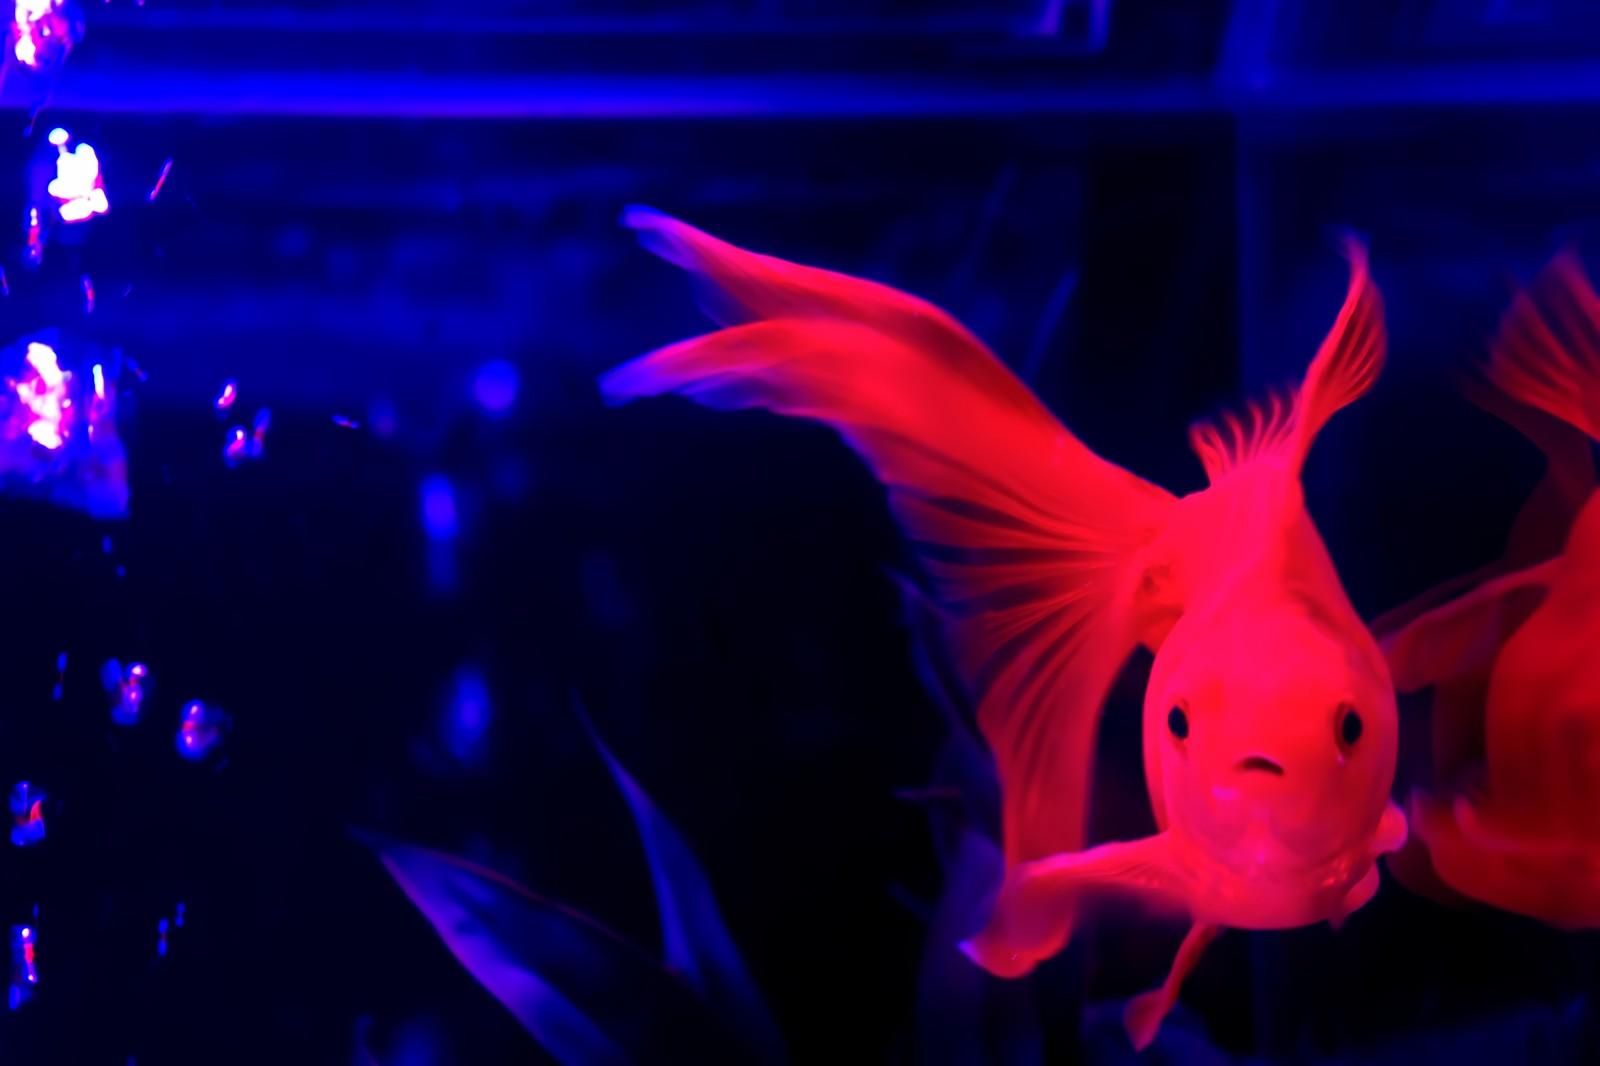 【全国大会から】この夏行きたい金魚イベント4選【関東アクアリウムまで】